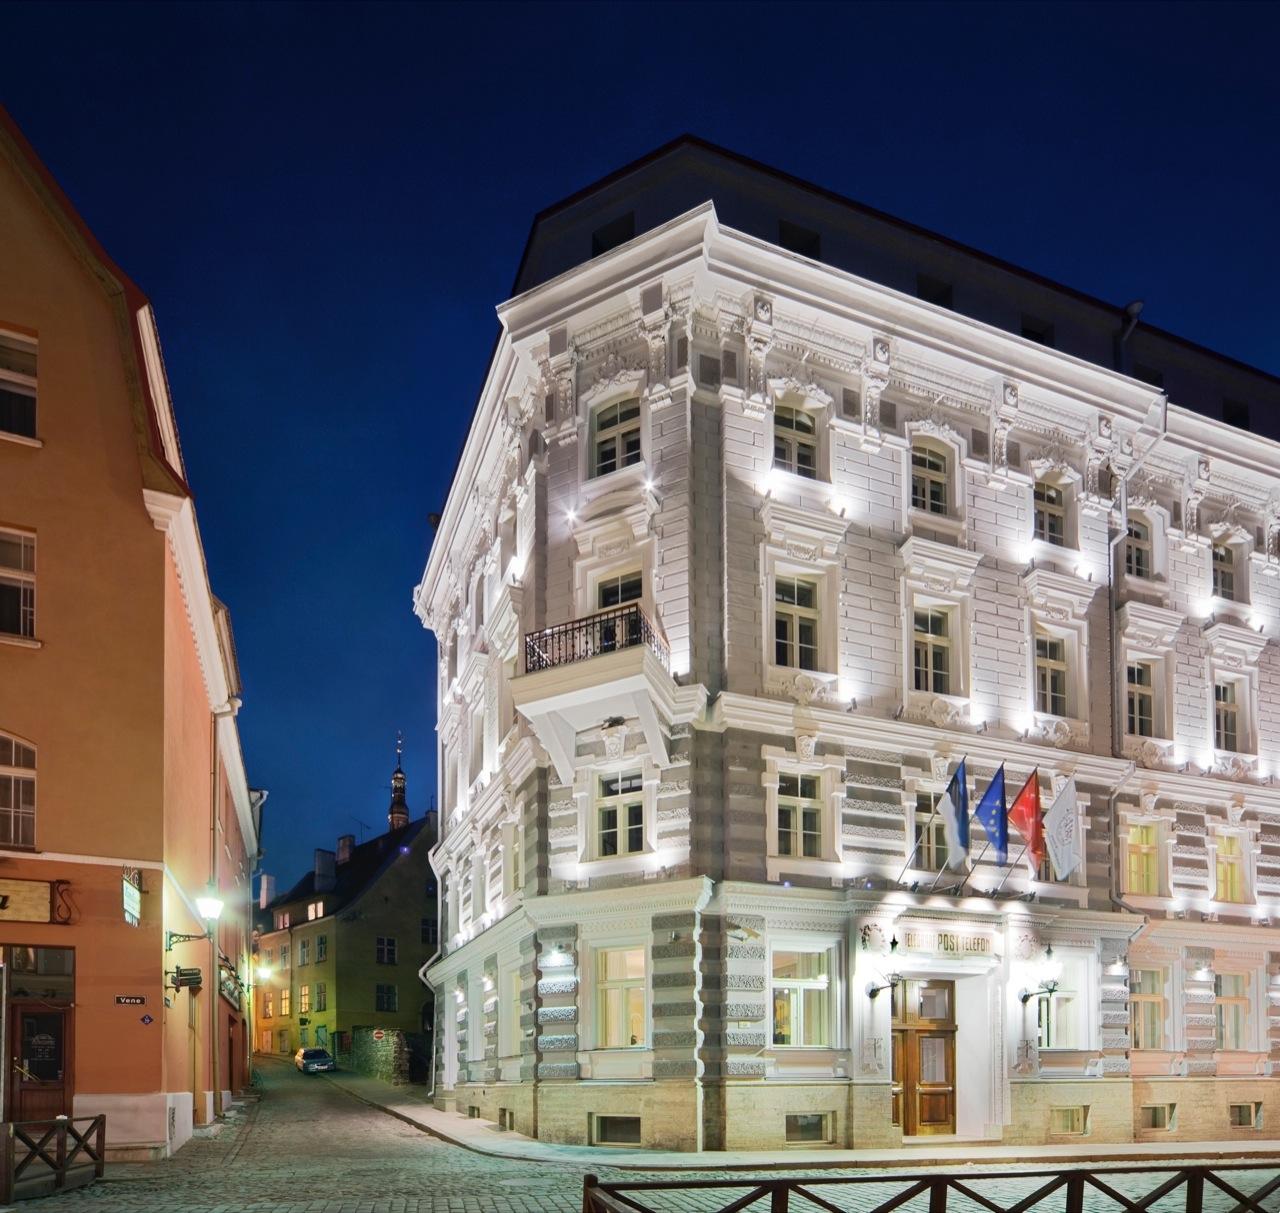 Hotel Telegraaf gościł koronowane głowy, przywódców państw igwiazdy rocka.